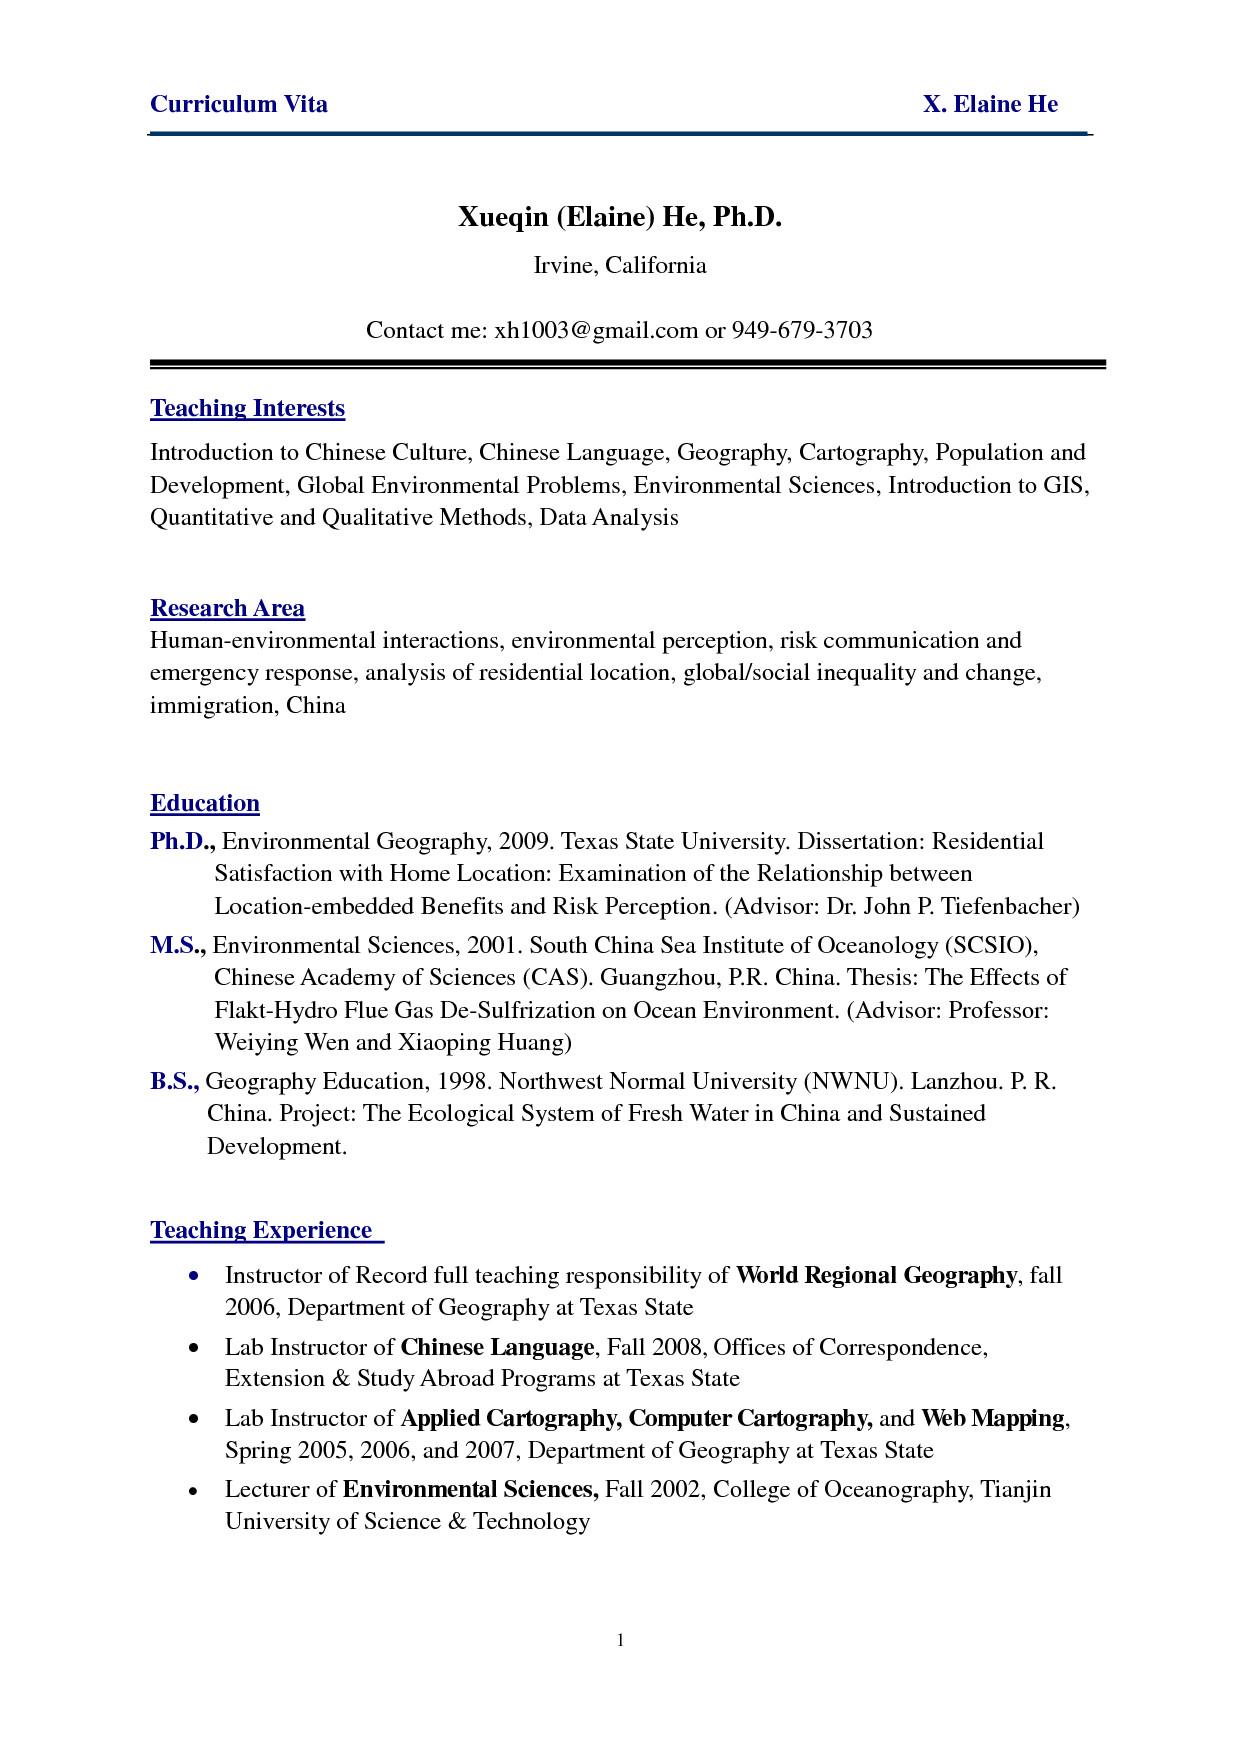 New Grad Nursing Resume Templates New Grad Lpn Resume Sample Nursing Hacked